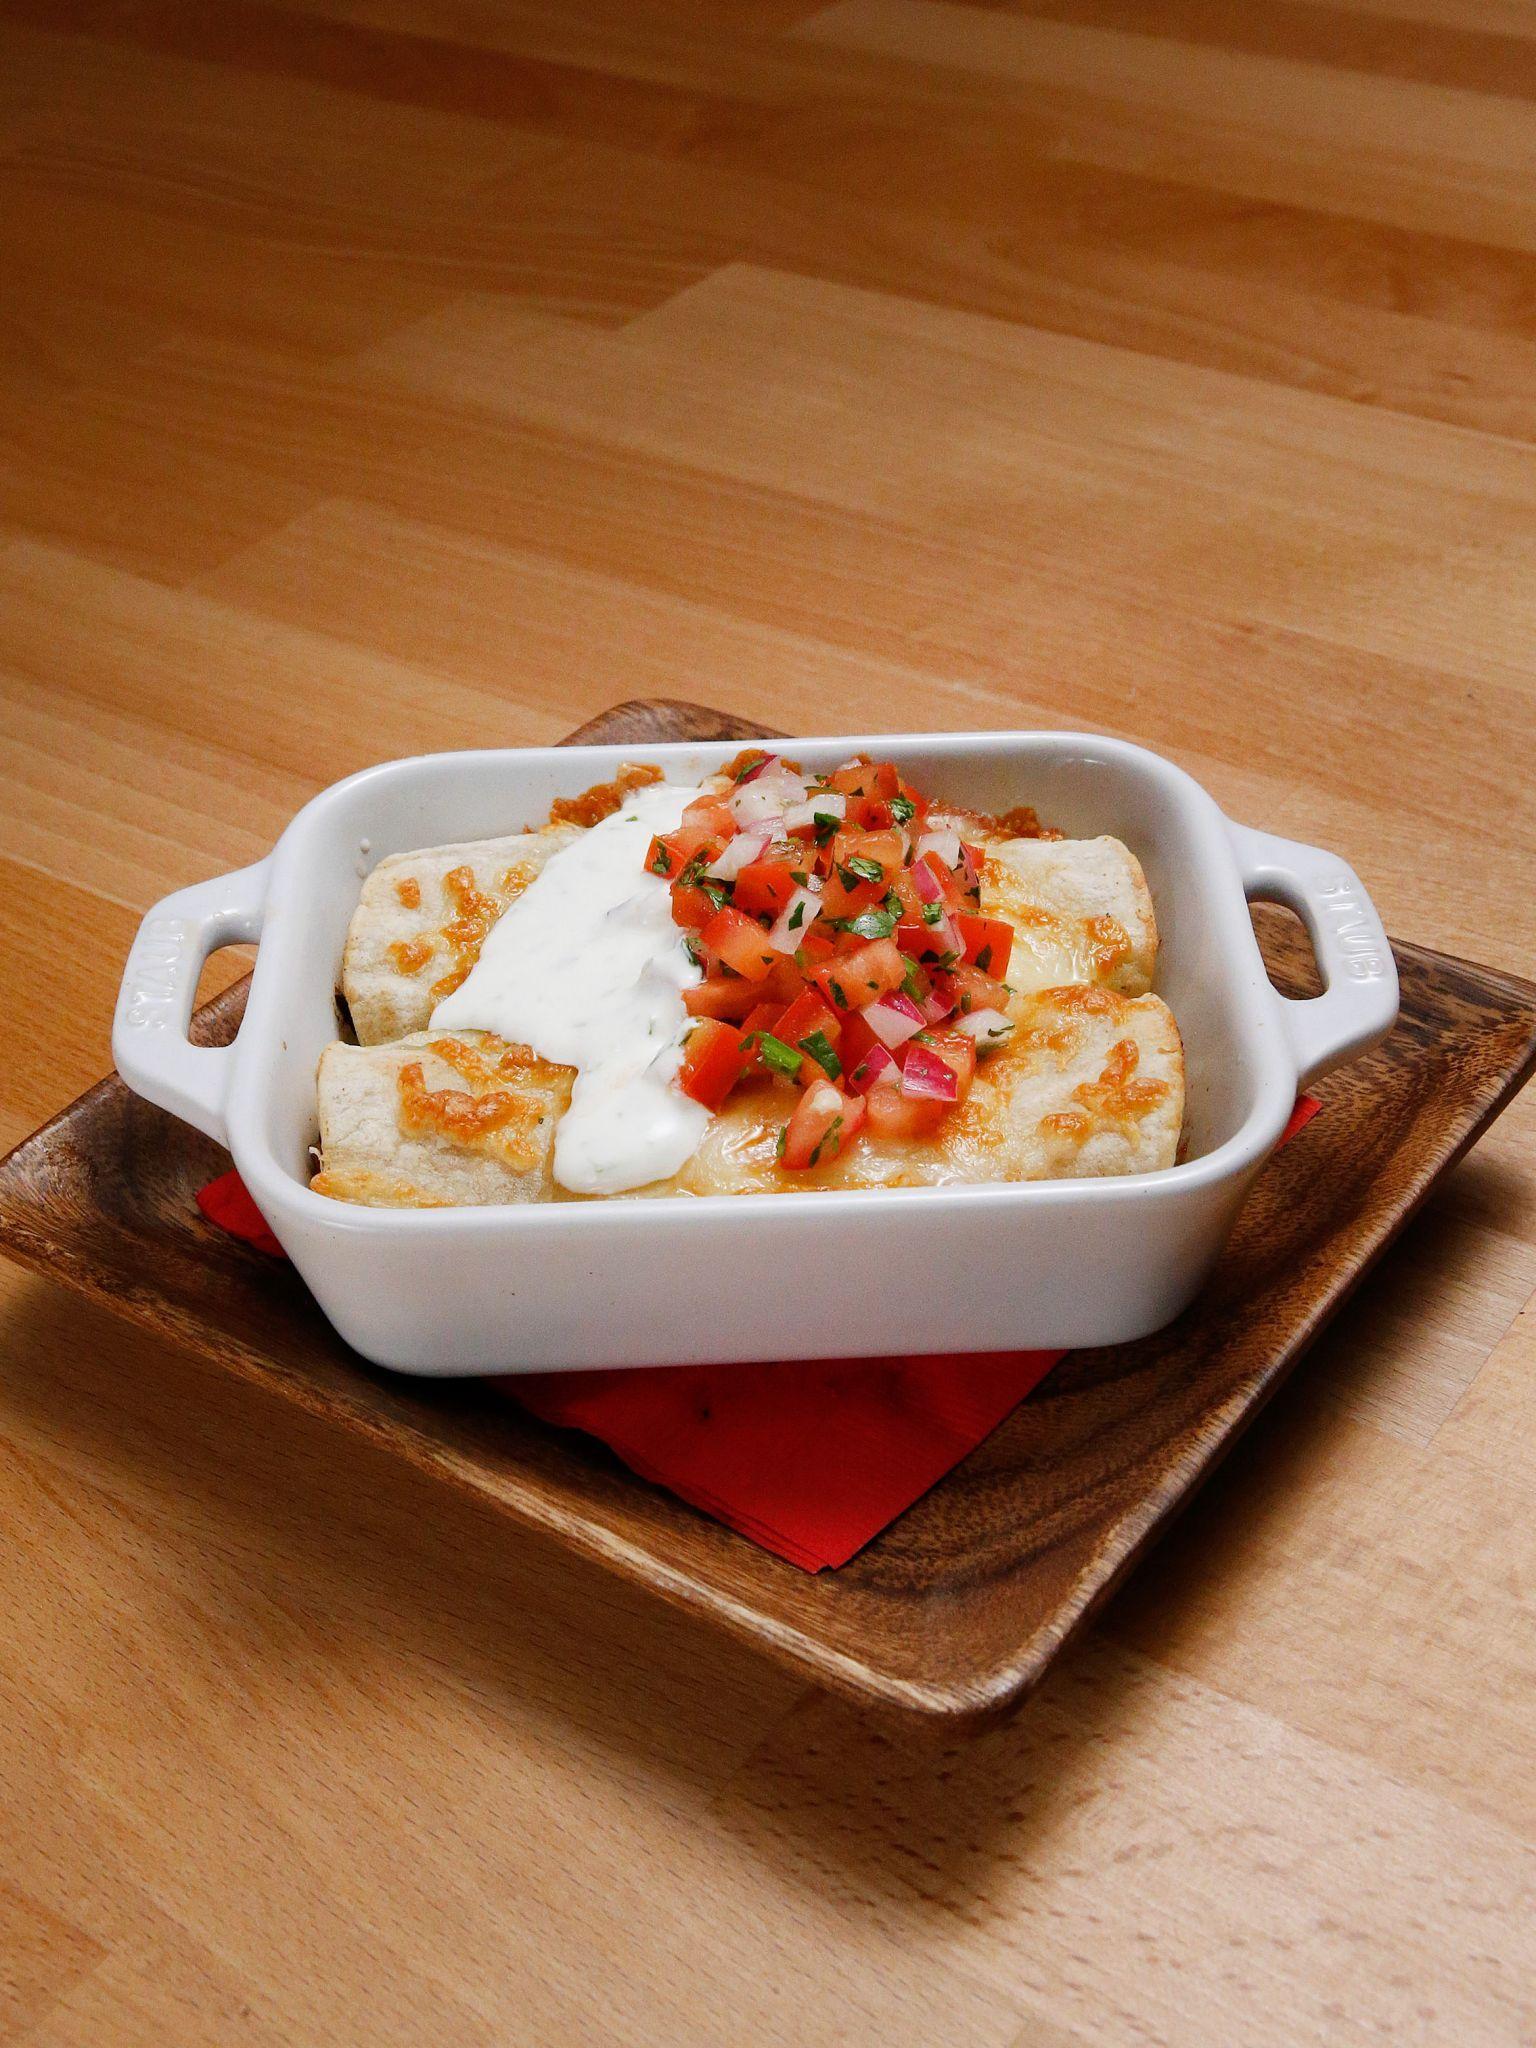 Chicken enchiladas recipe chicken enchiladas recipes and easy chicken enchiladas forumfinder Image collections